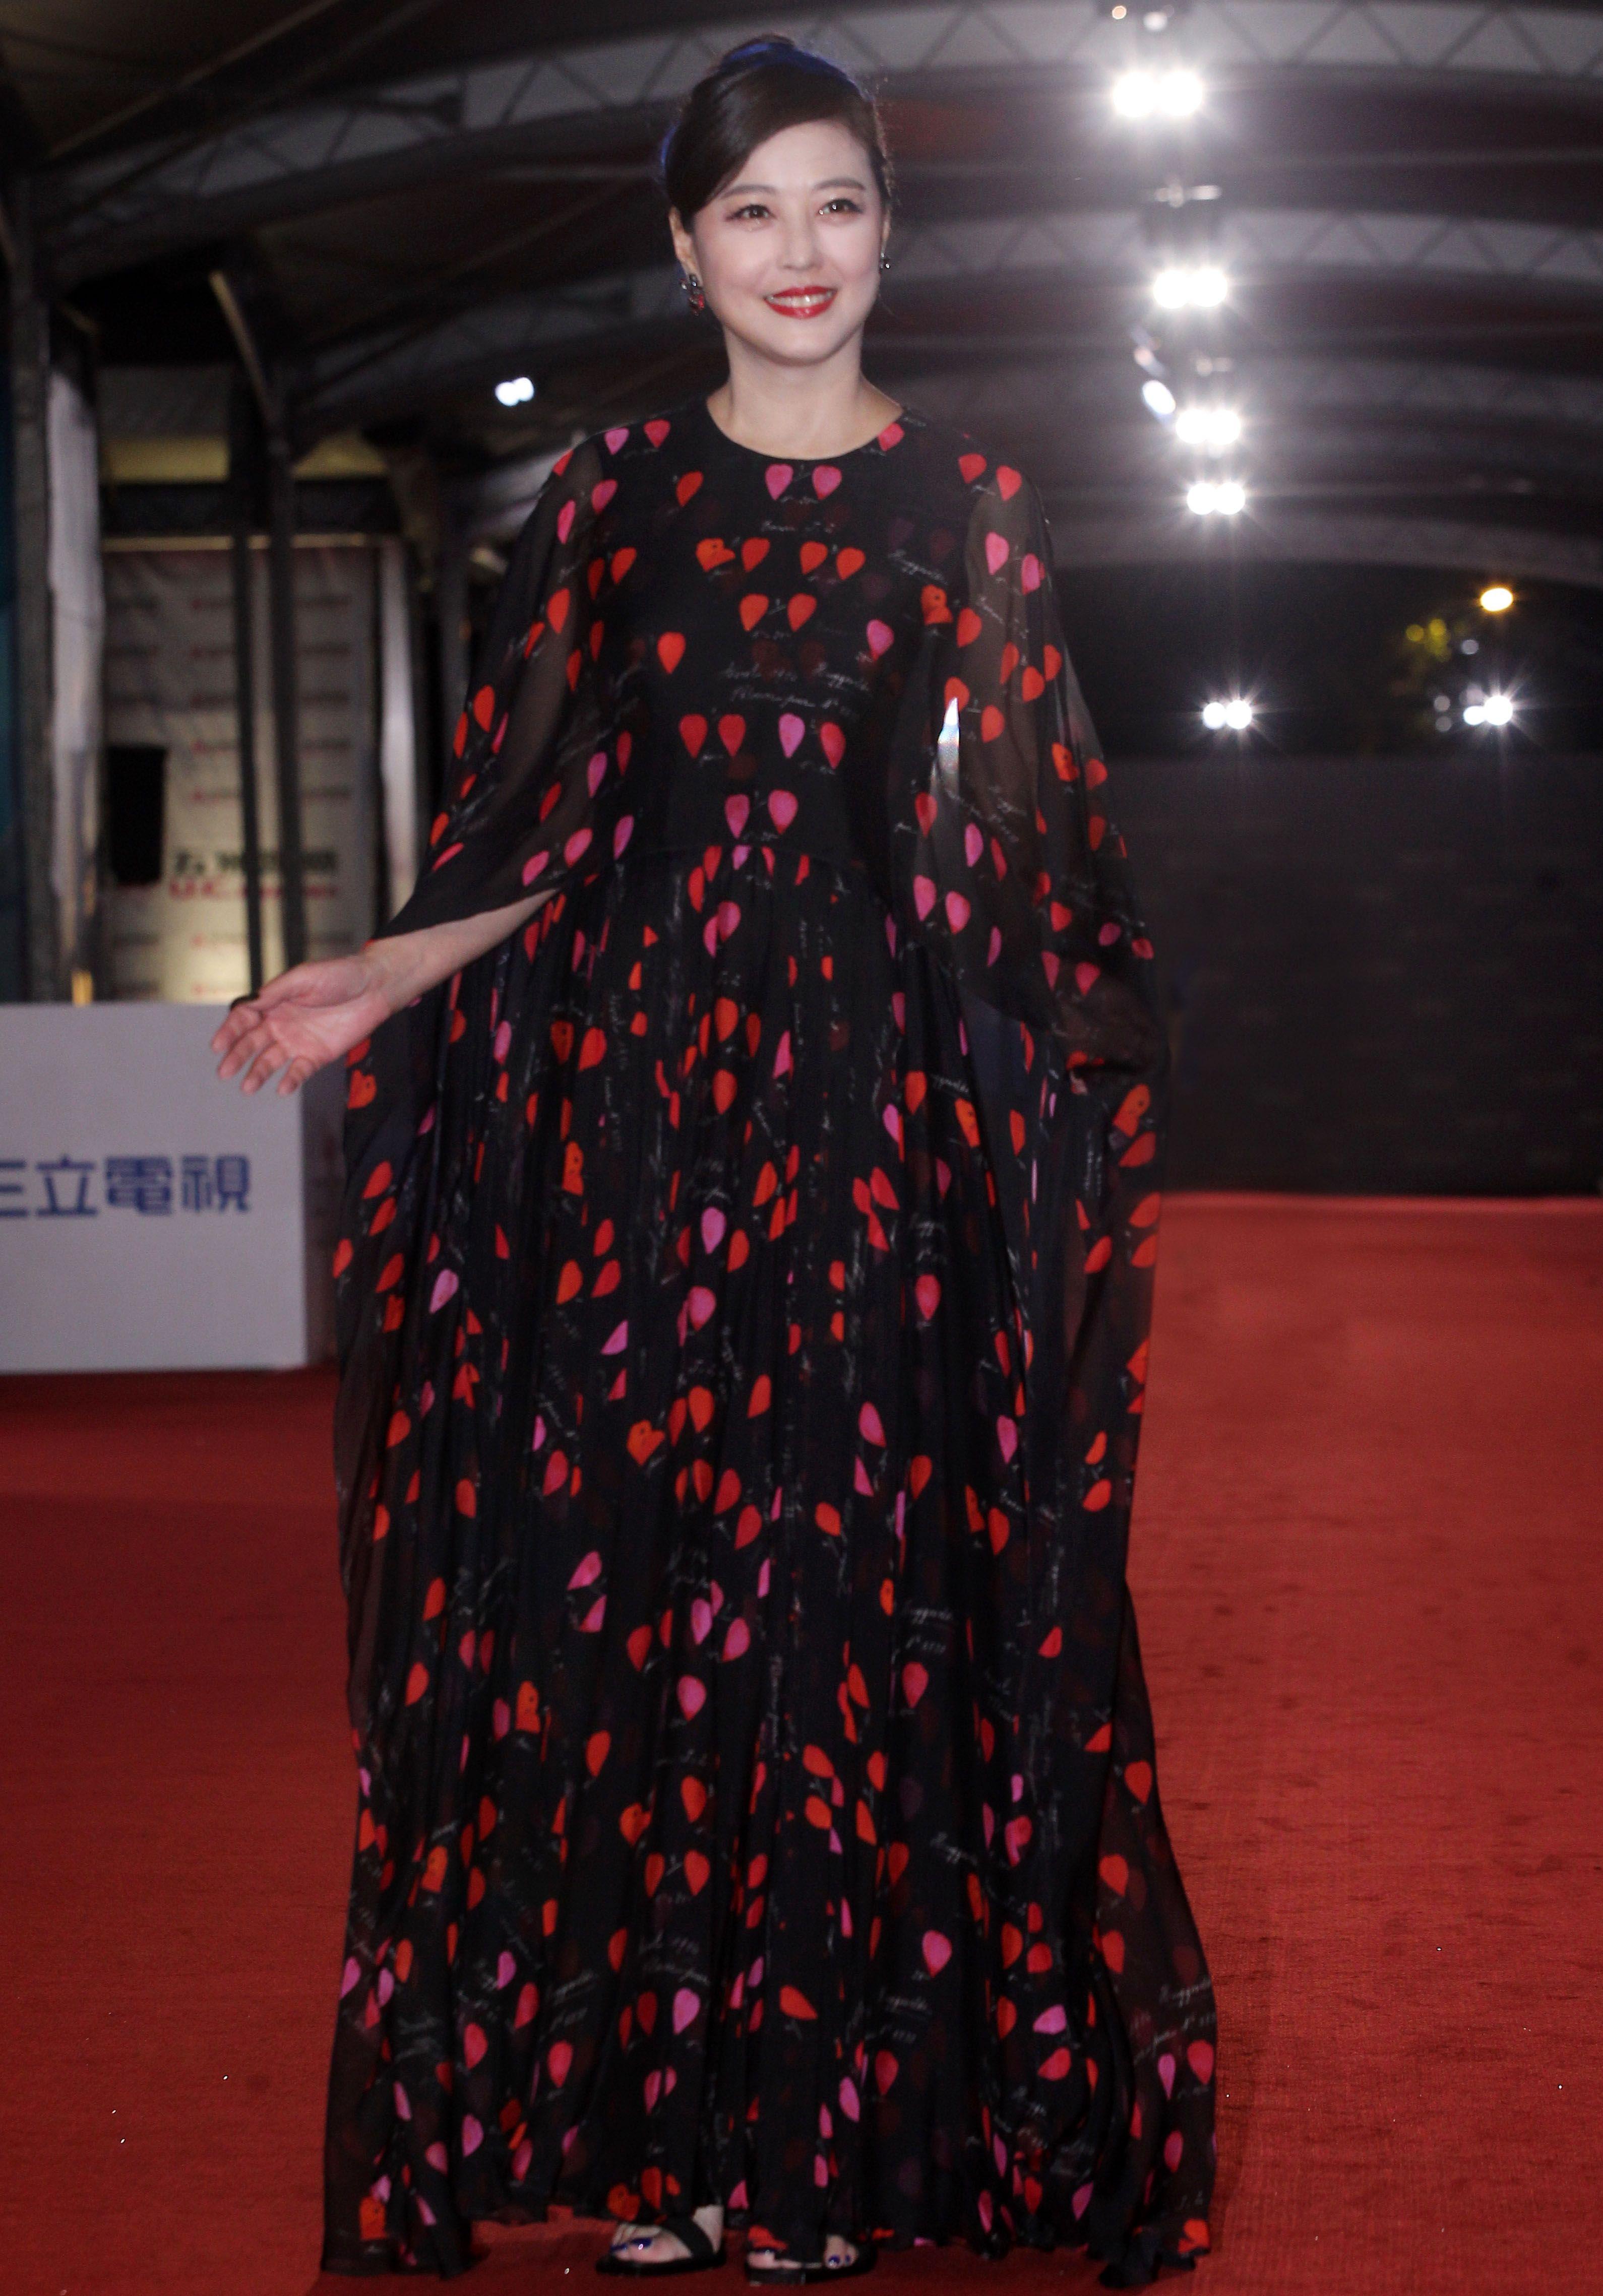 周海媚一襲雪紡愛心黑色洋裝,優雅氣質依舊,一直被稱為「凍齡女神」的她,也分享了自己的保養祕訣,竟是靠「睡覺」。(記者邱榮吉/攝影)